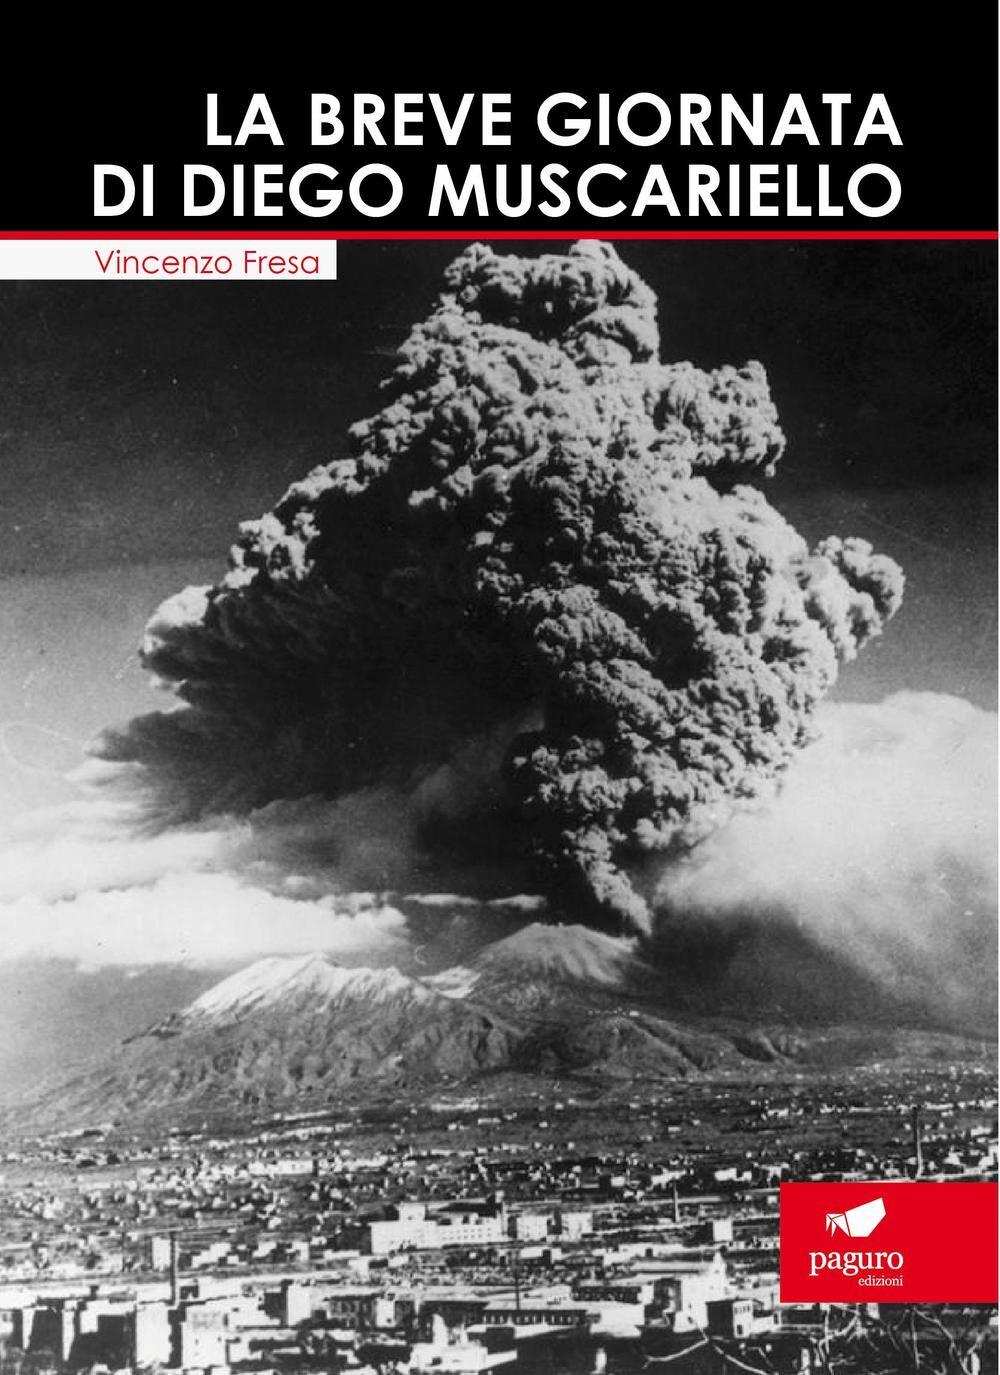 La breve giornata di Diego Muscariello